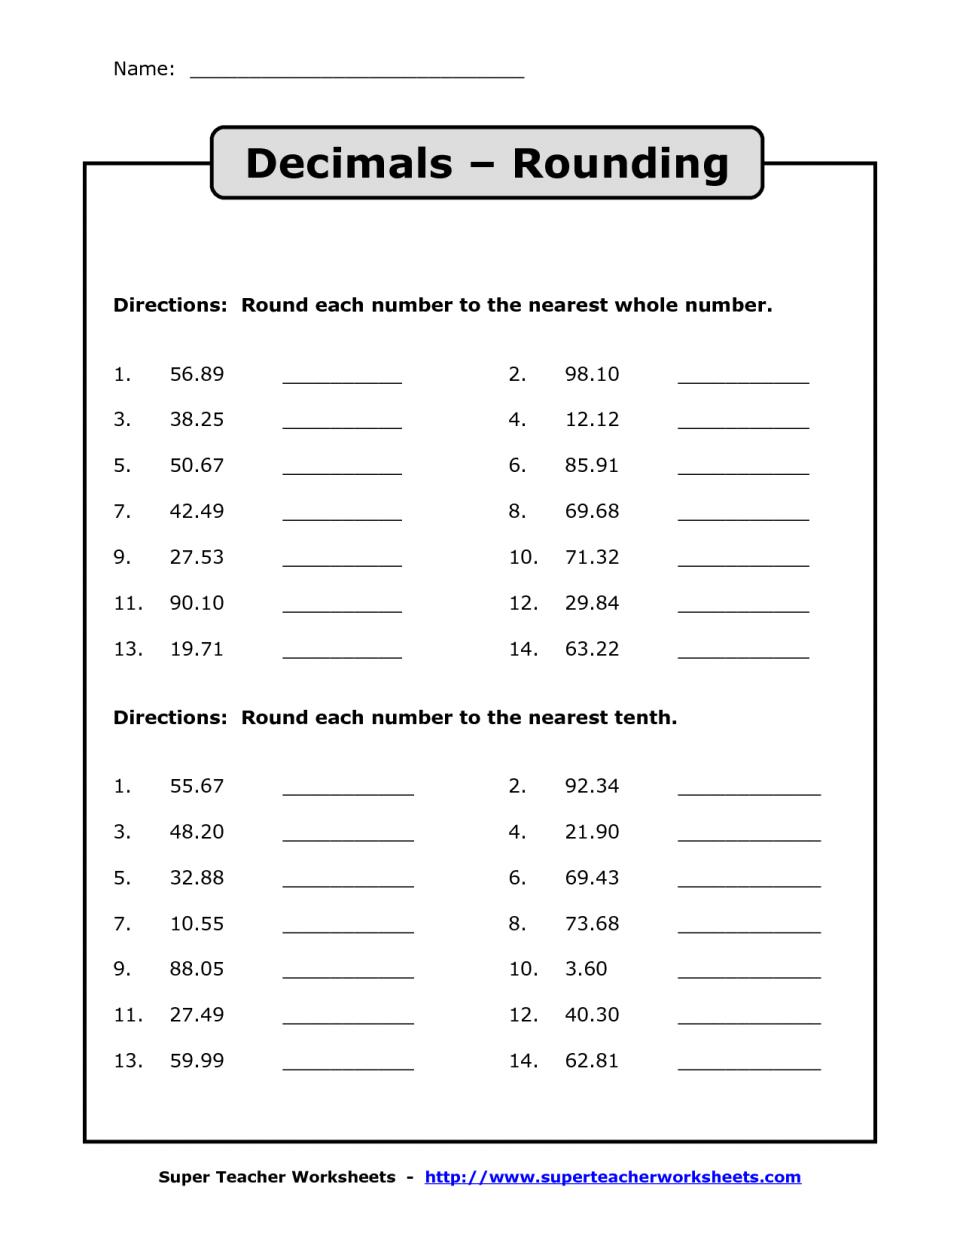 Decimal Rounding Worksheets   Free preschool worksheets [ 1242 x 960 Pixel ]